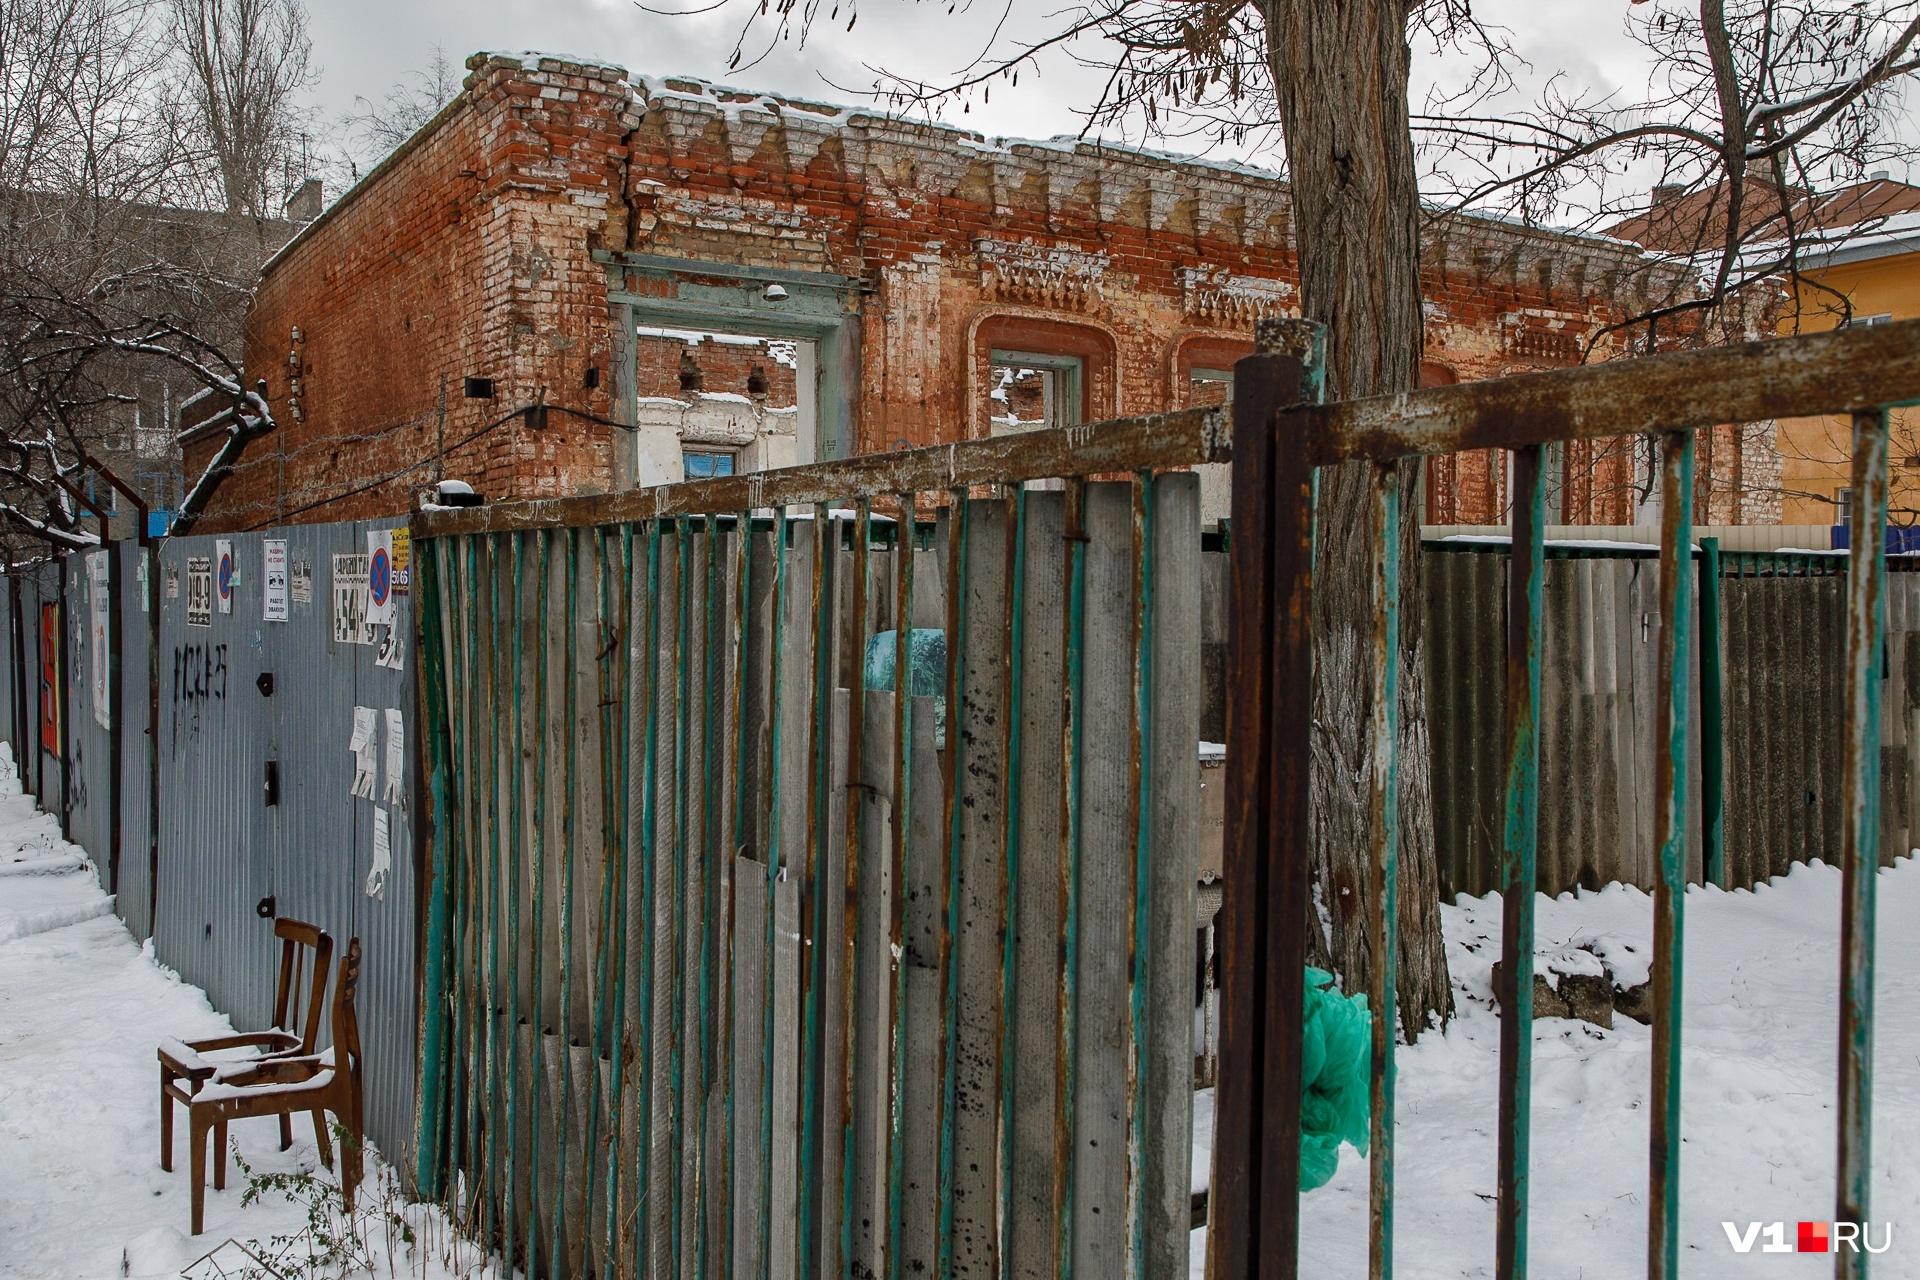 Восстанавливать внешний облик дома пришлось по скудным справкам и сохранившимся на фасаде элементам